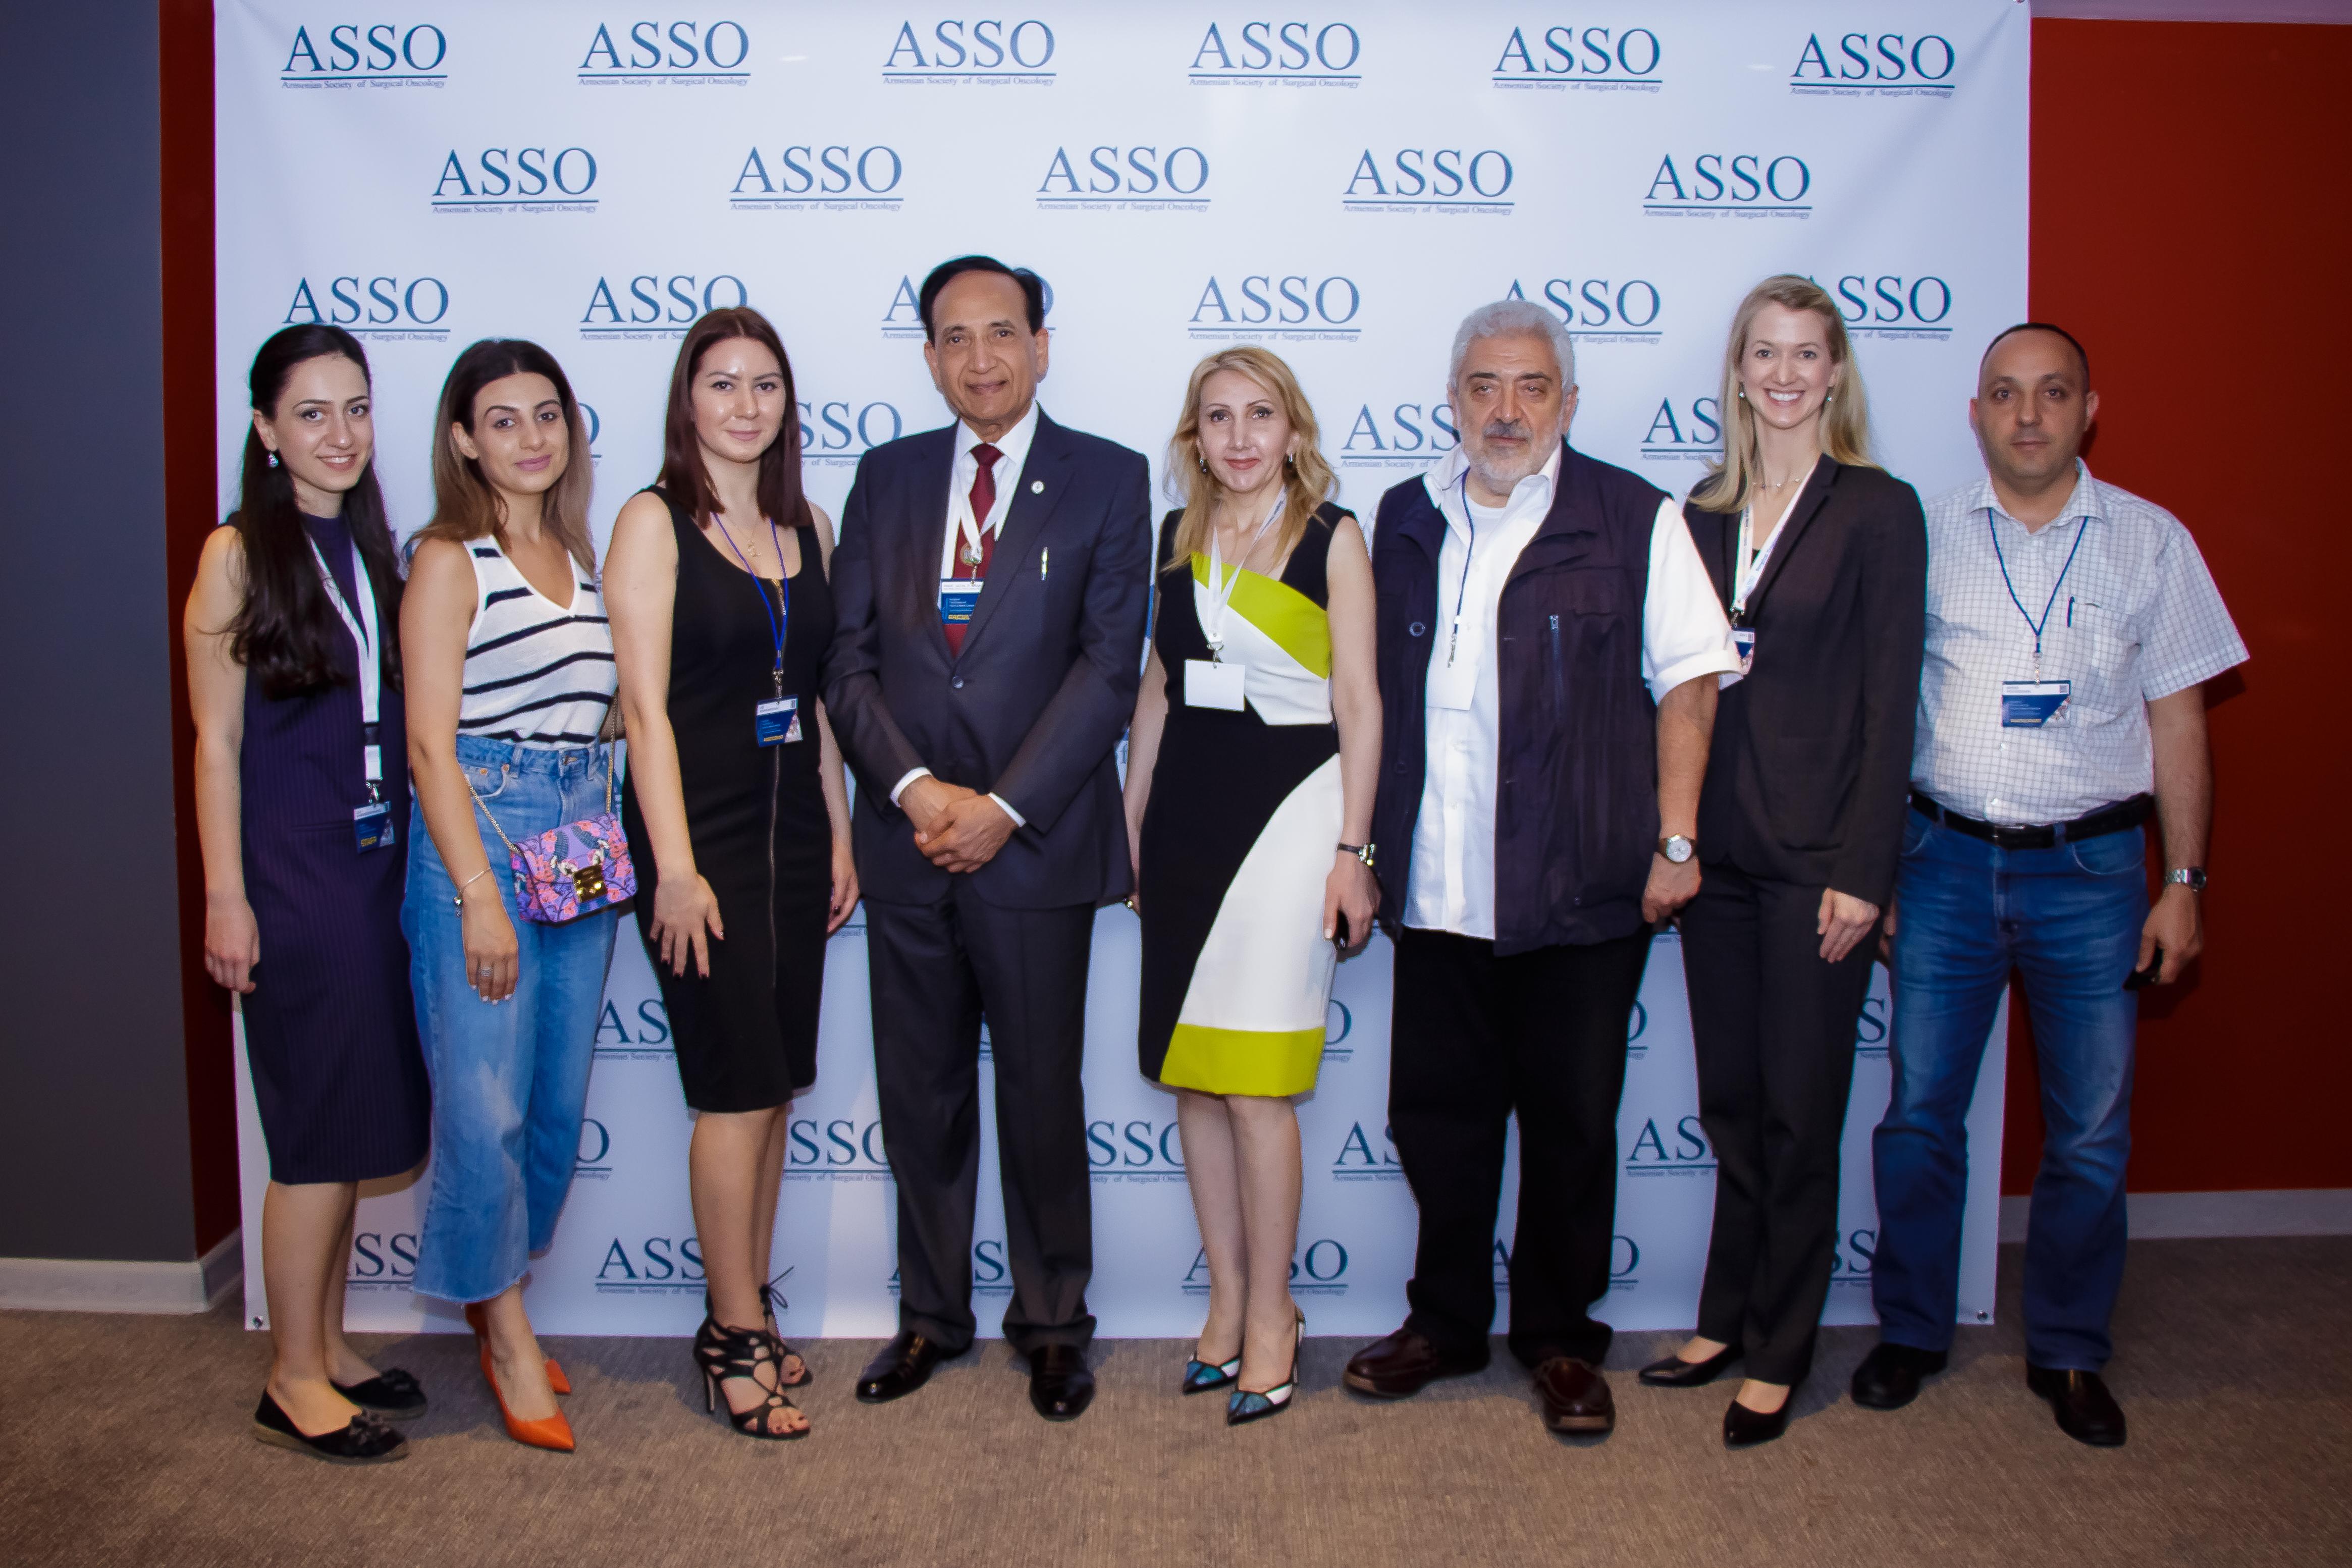 Կայացավ «Գլխի և պարանոցի քաղցկեղի վիրահատական բուժումը» միջազգային գիտաժողովը